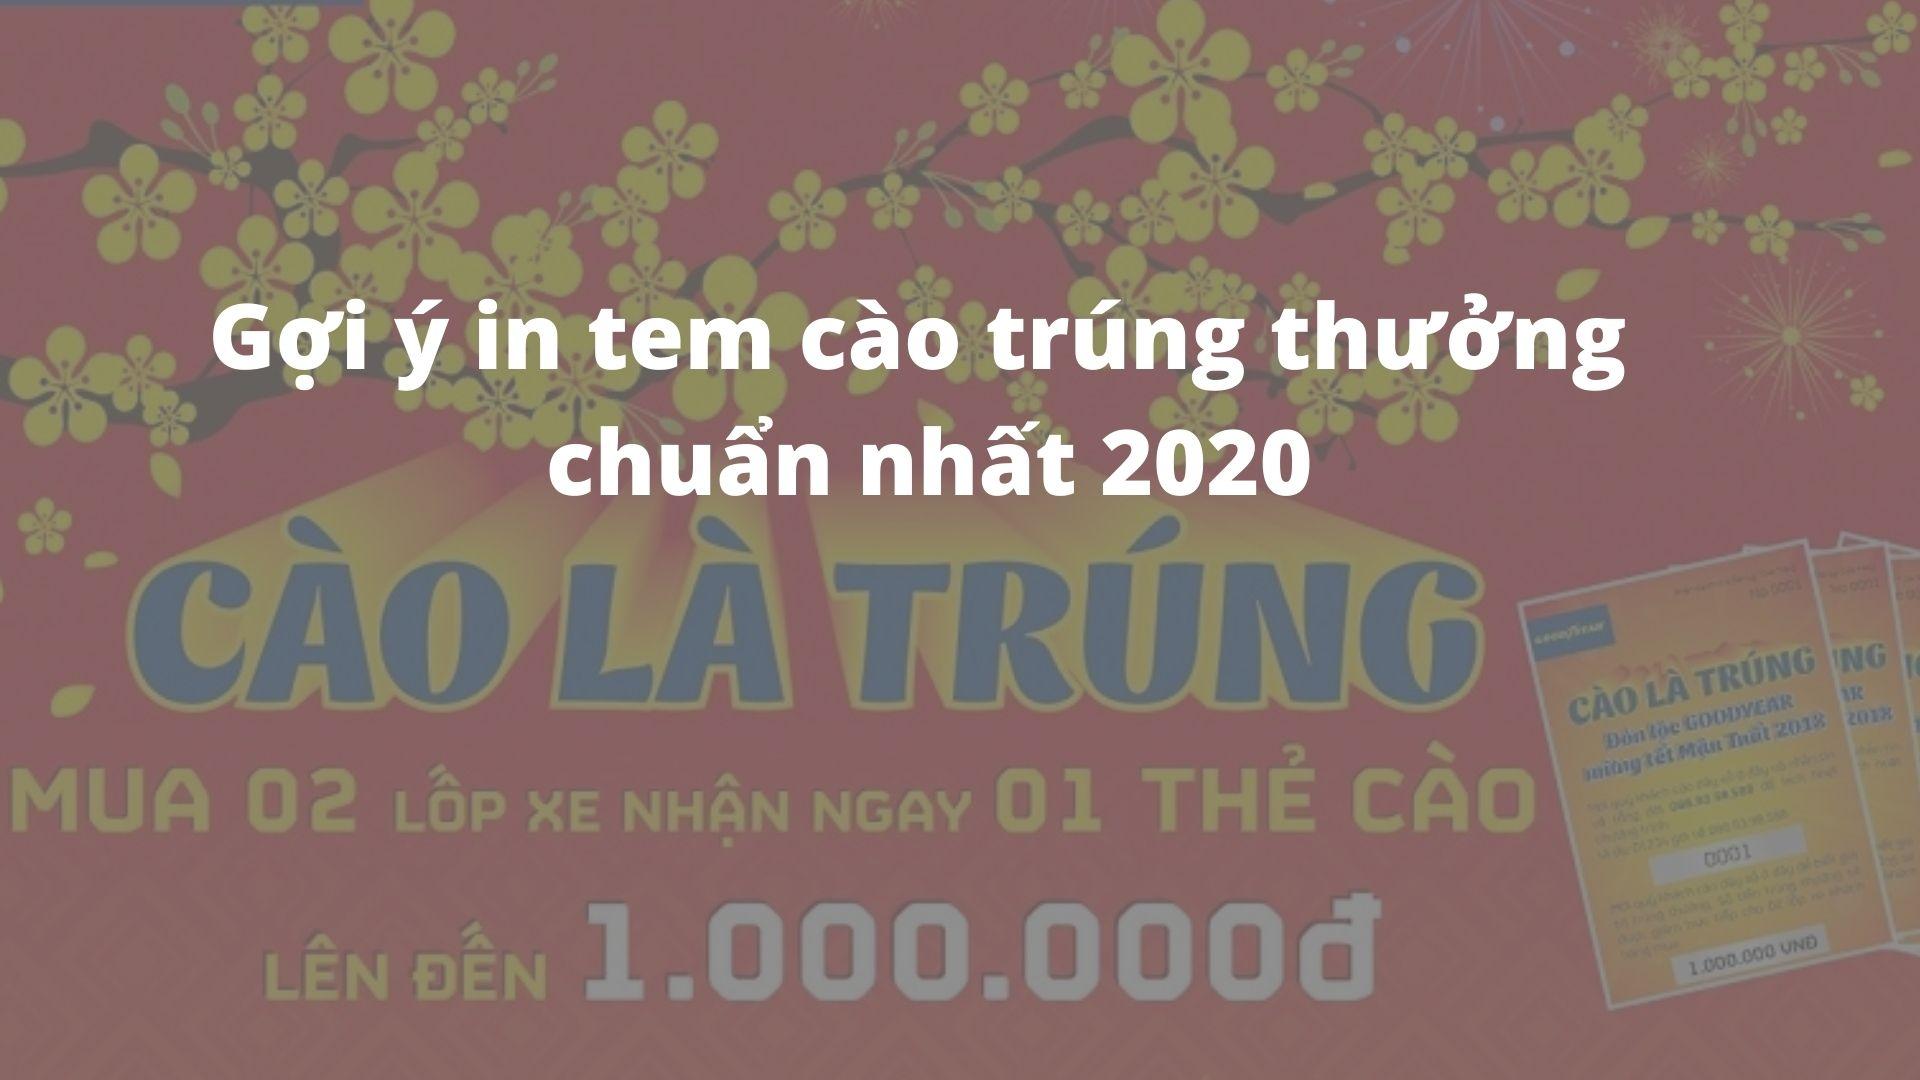 Gợi ý in tem cào trúng thưởng chuẩn nhất 2020